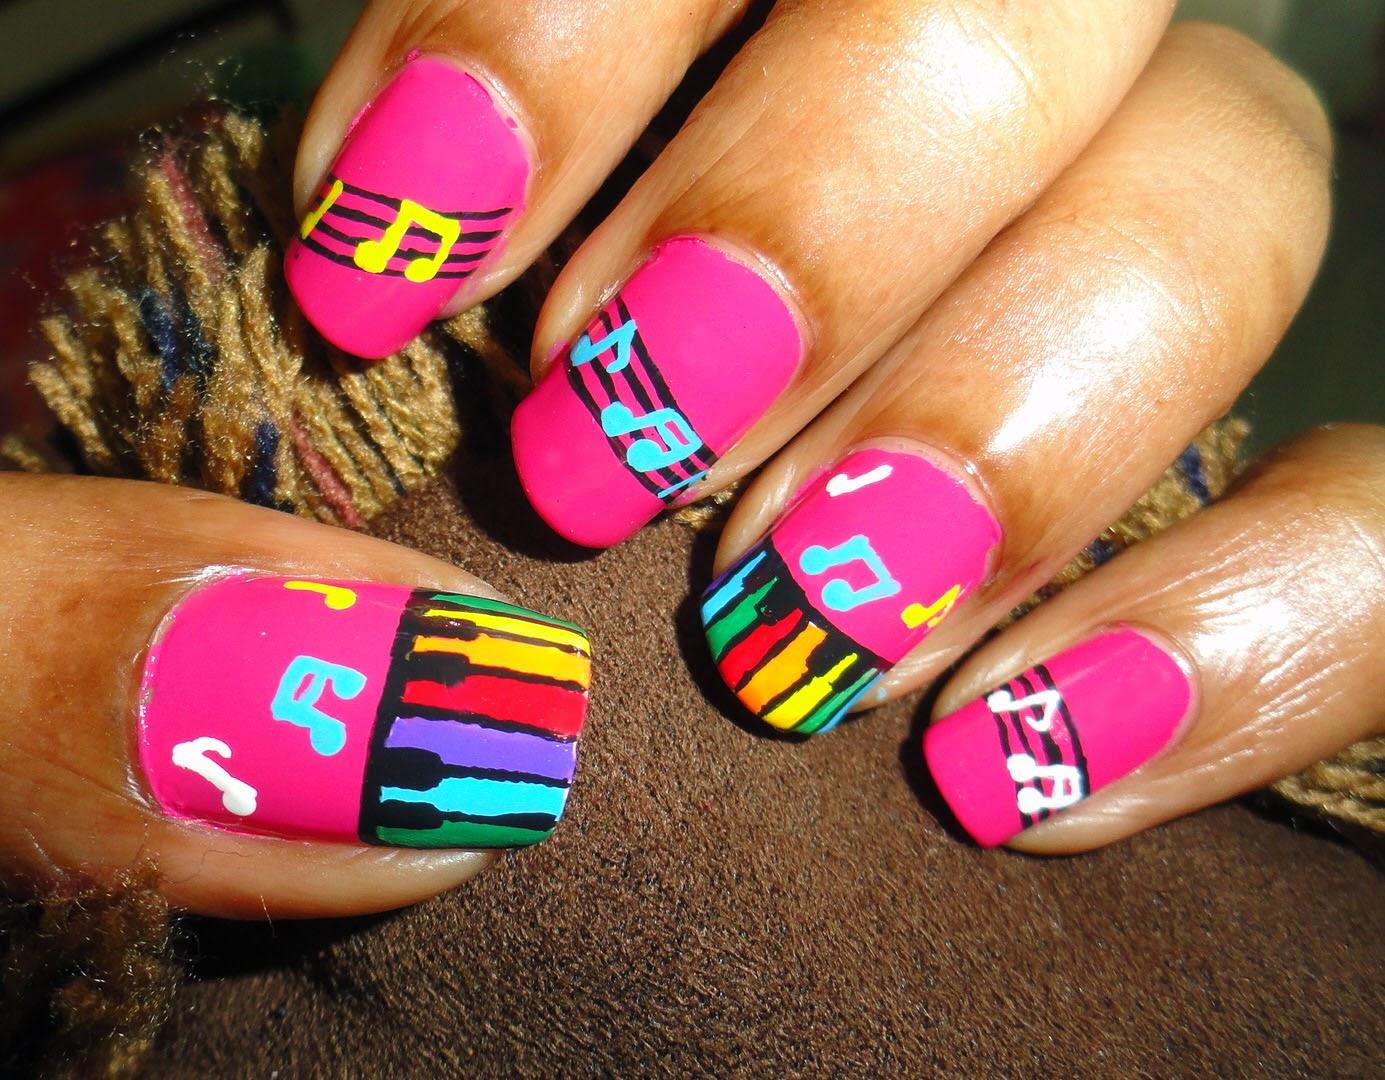 4 Imágenes de decoración de uñas de notas musicales   Uñas pintadas ...